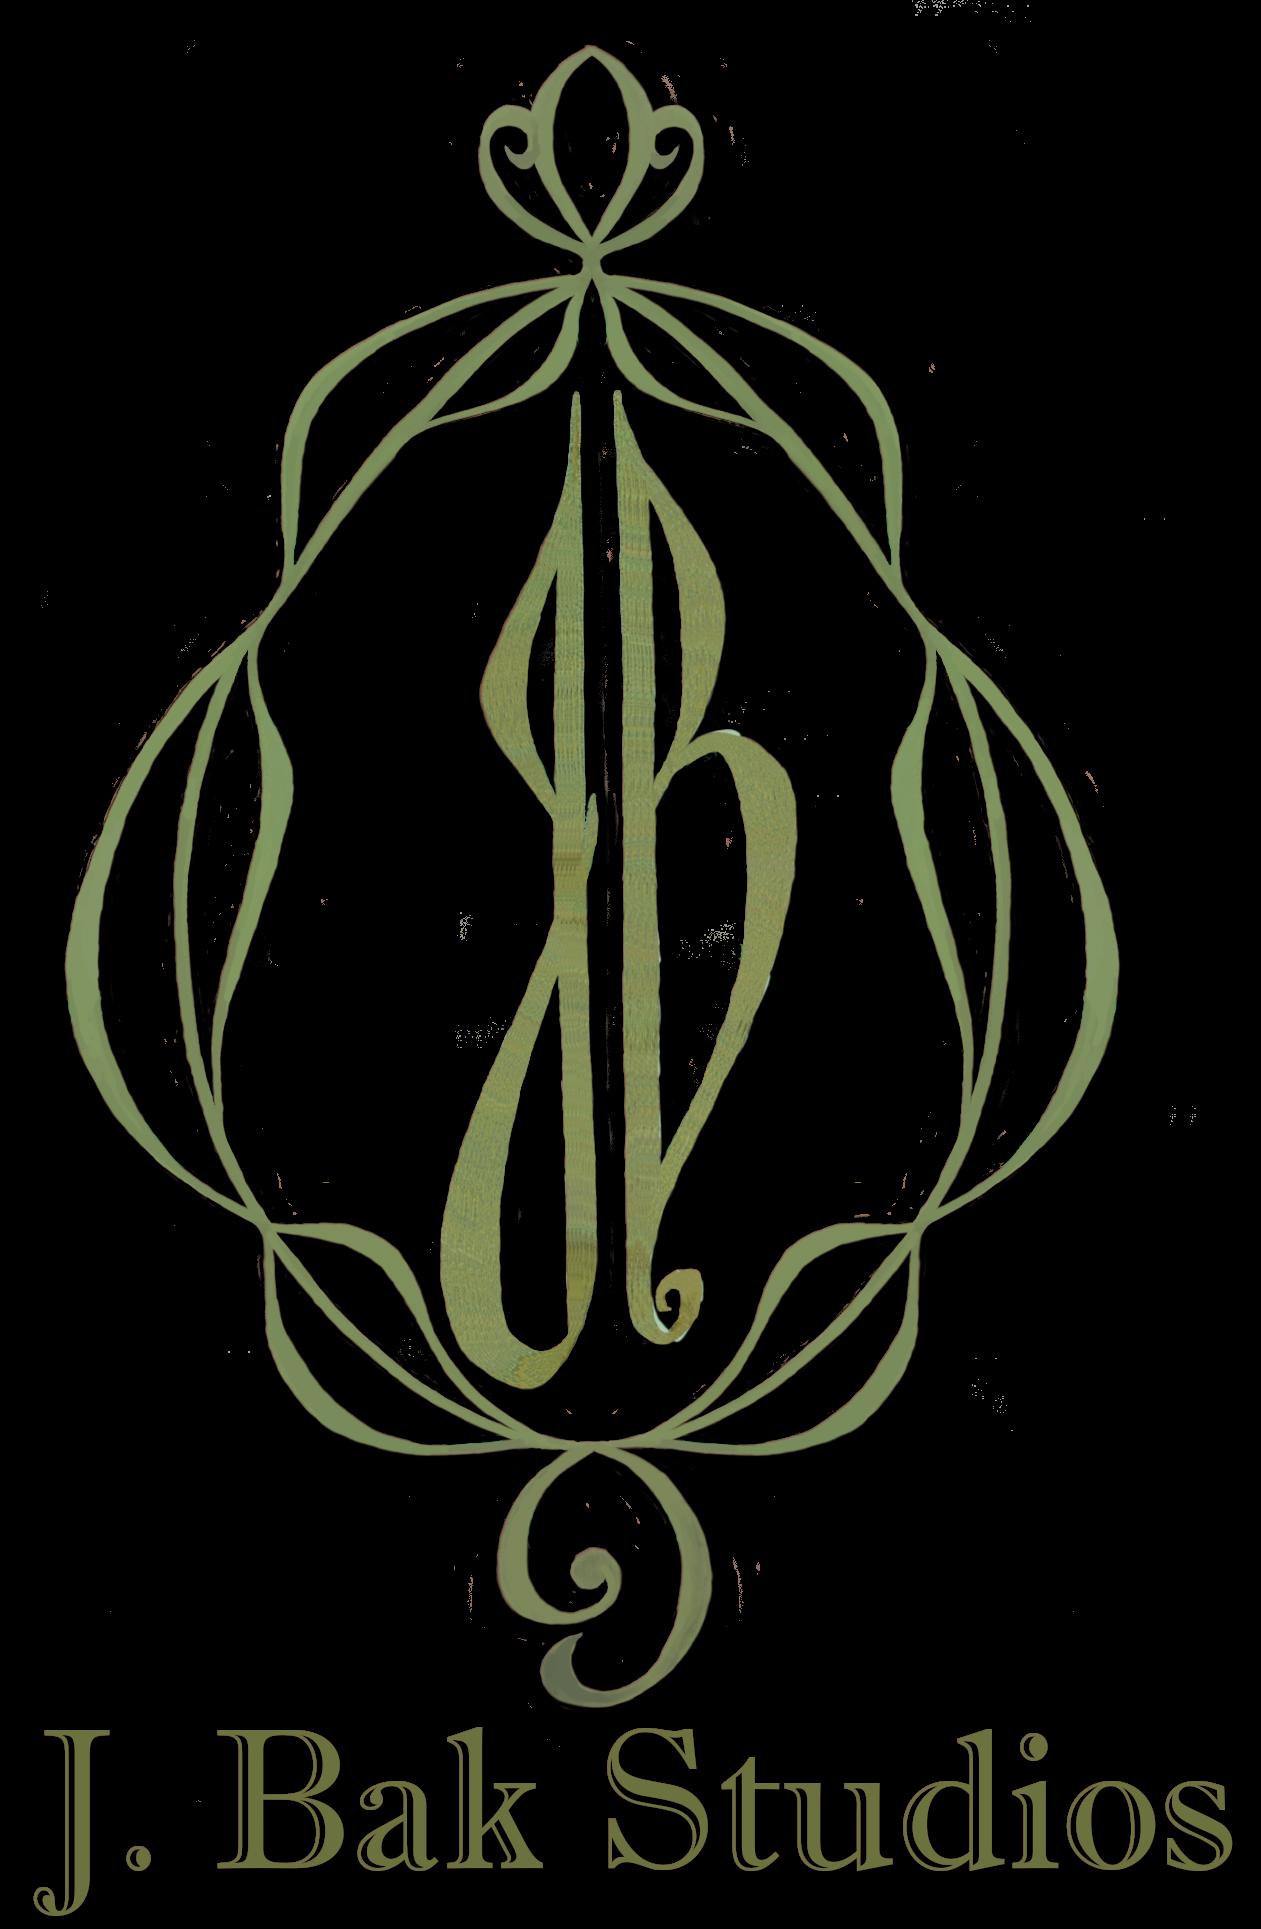 J. Bak Studios logo